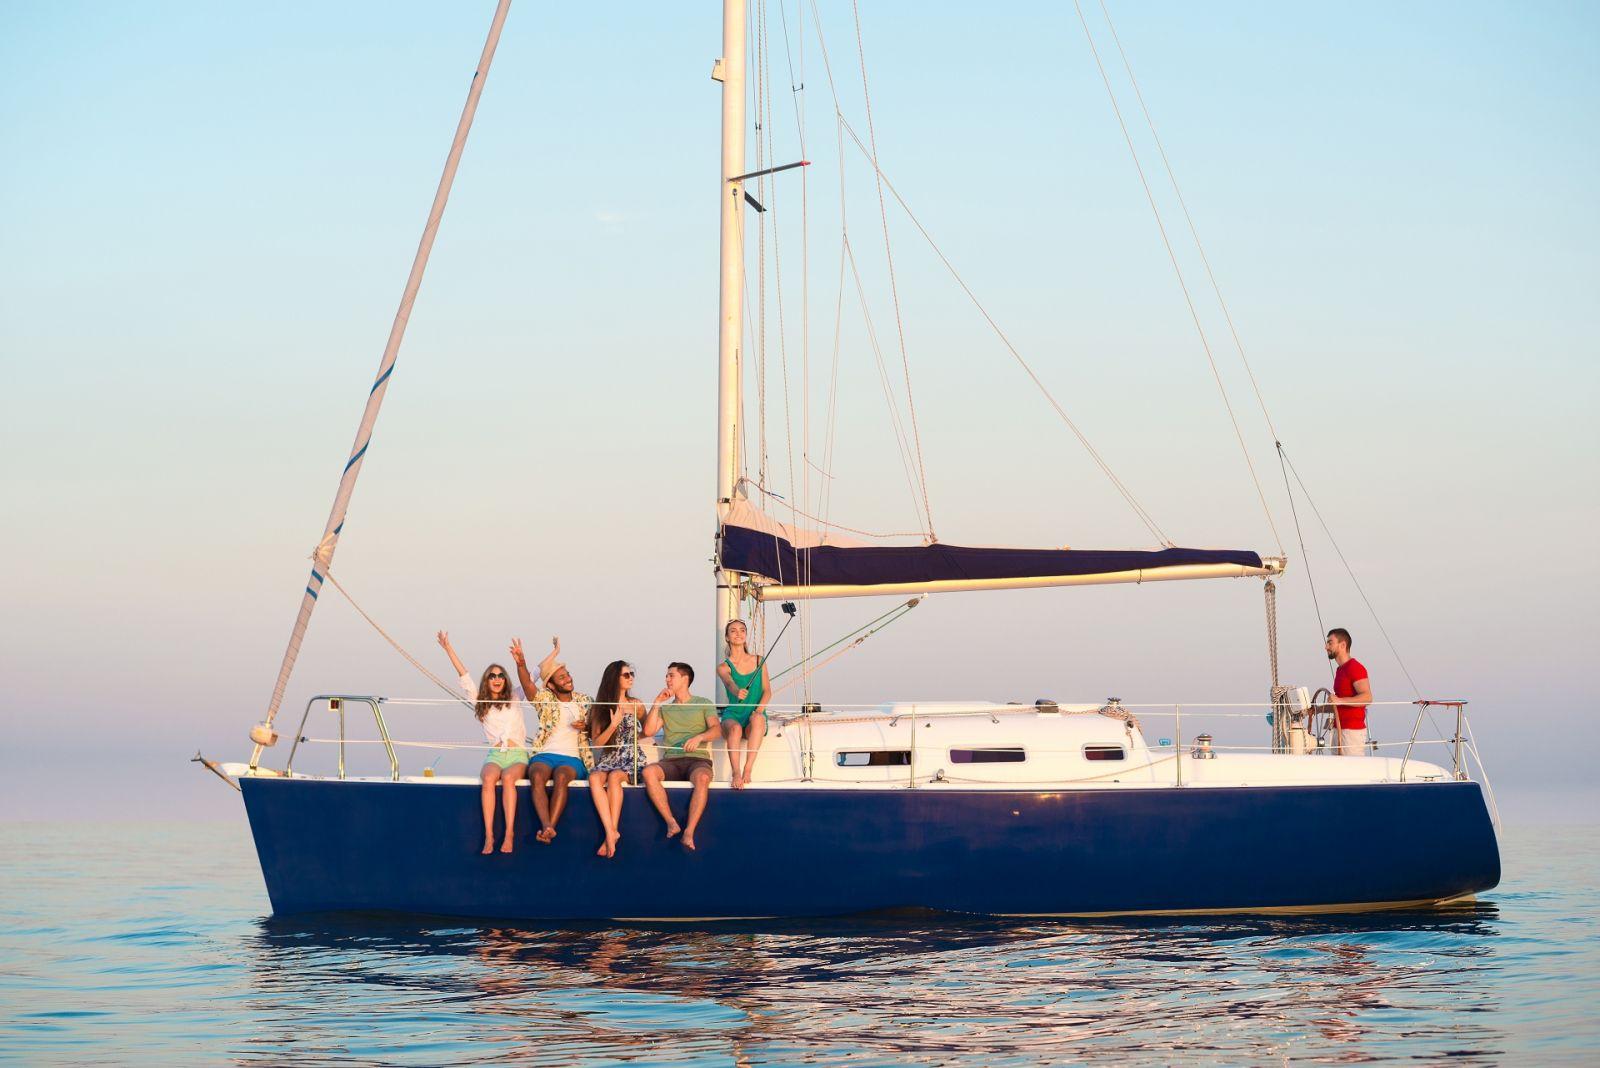 Mit Freunden etwas Besonderes teilen, auch ohne Segelschein. ©DenisProduction.com/AdobeStock